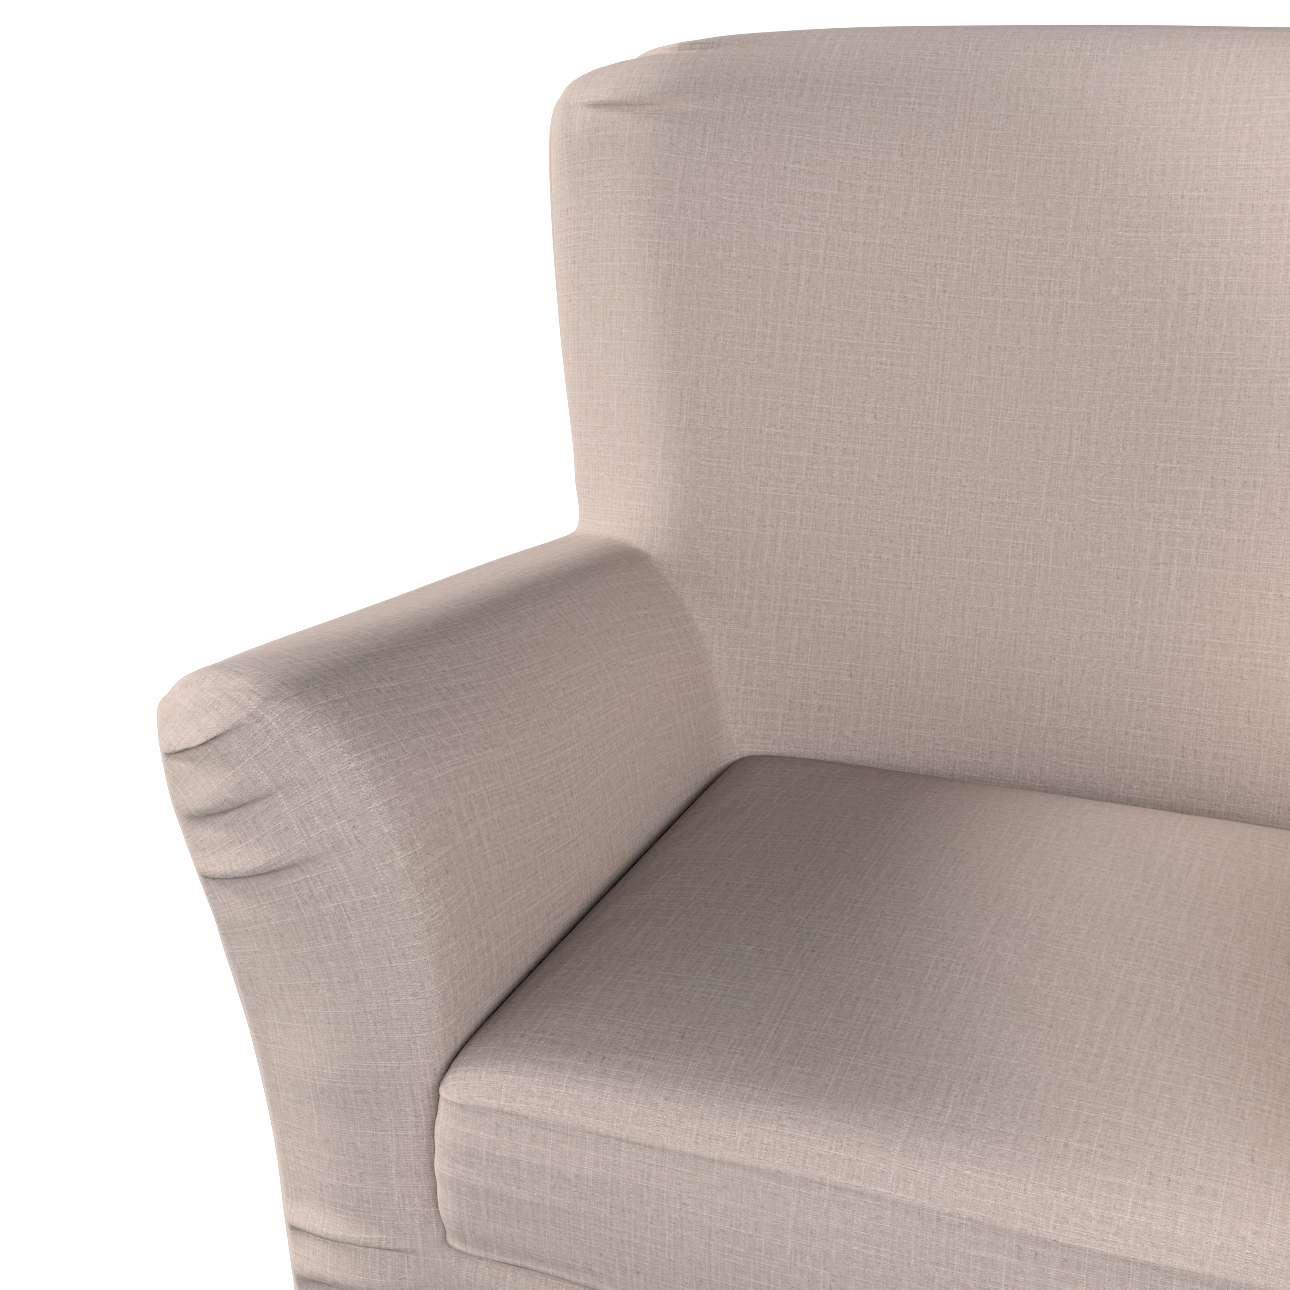 Pokrowiec na fotel Tomelilla z zakładkami w kolekcji Living, tkanina: 160-85